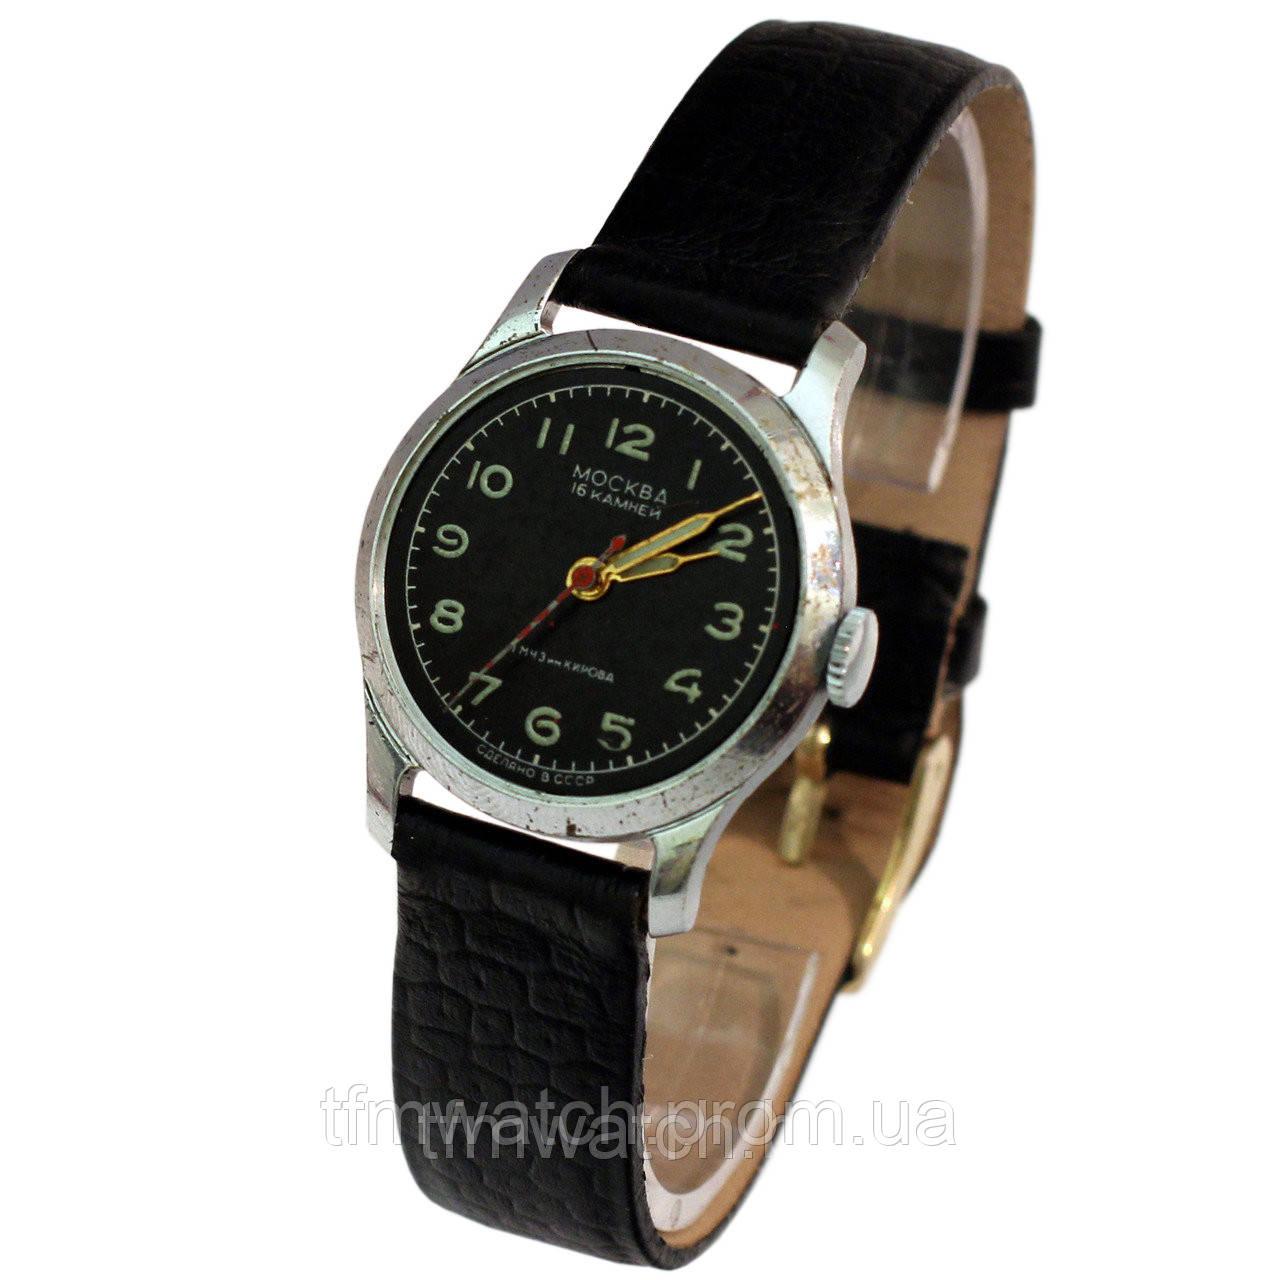 Часы продать москве наручные барнаул скупка часов